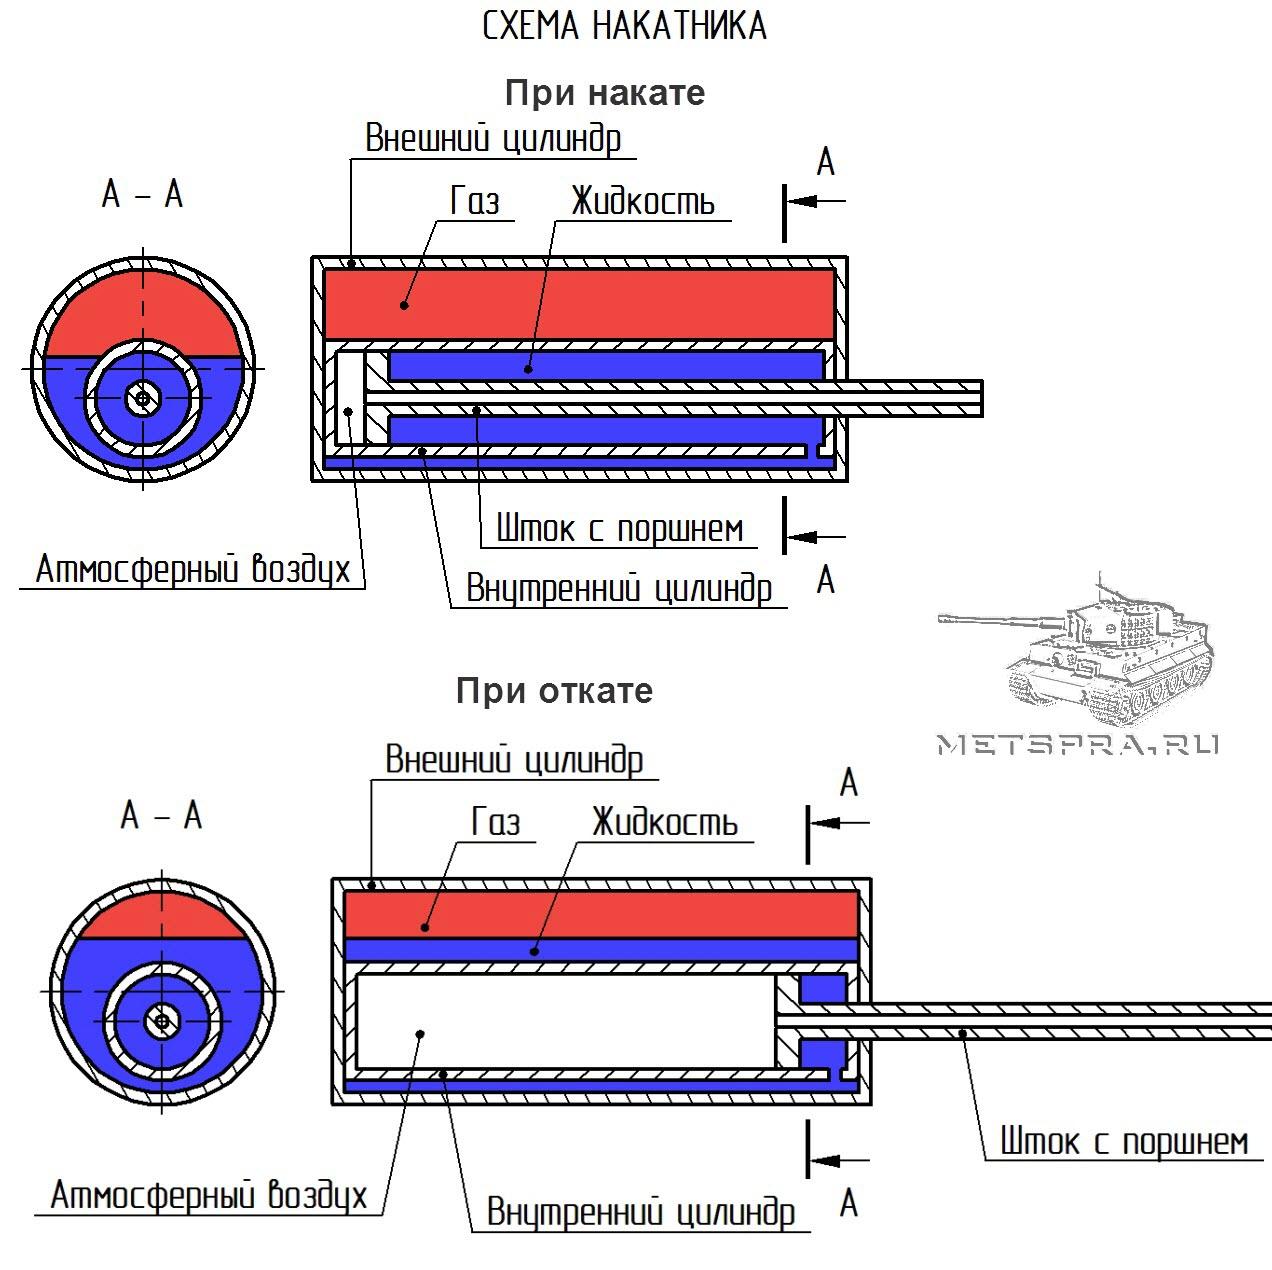 Схема накатника